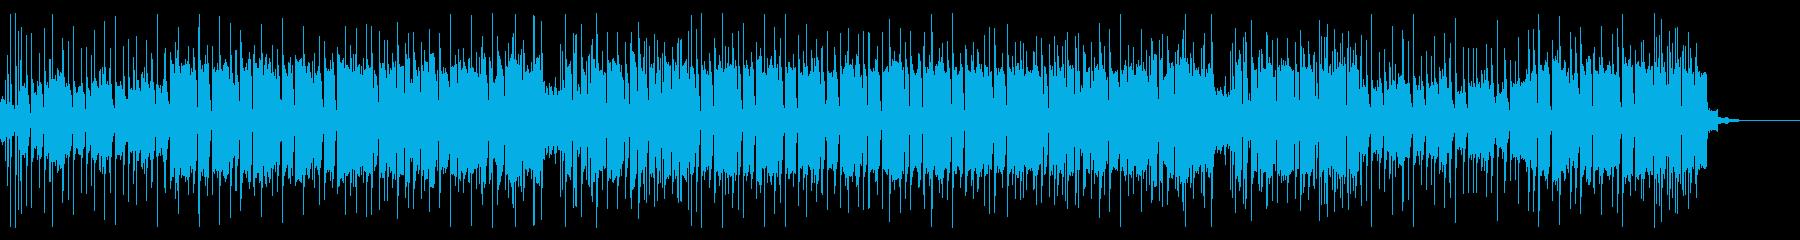 格闘技の入場シーン的なハードロックの再生済みの波形